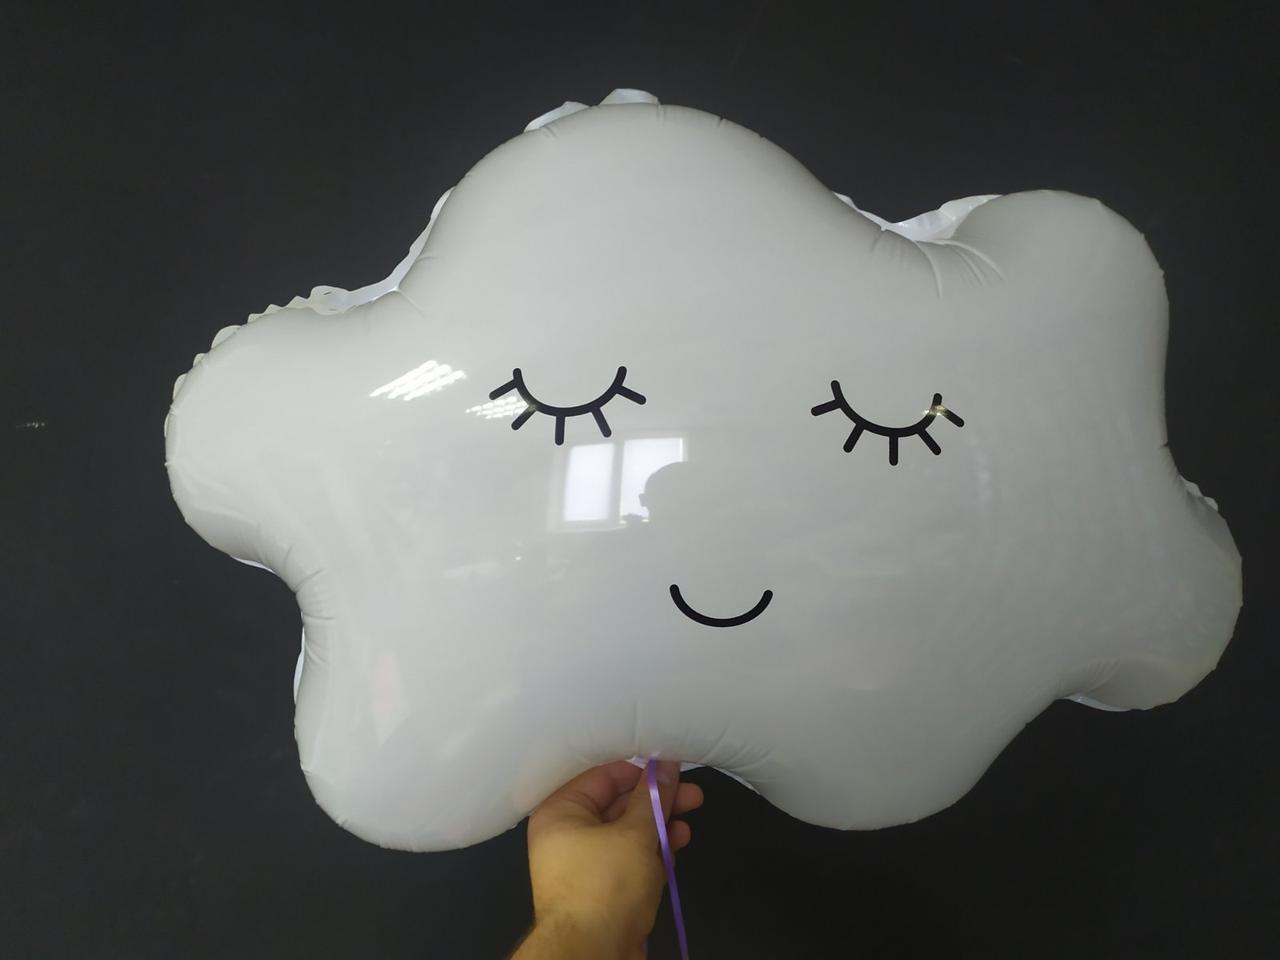 Кулька з плівки велика фігура Хмаринка біла 76*60см Китай